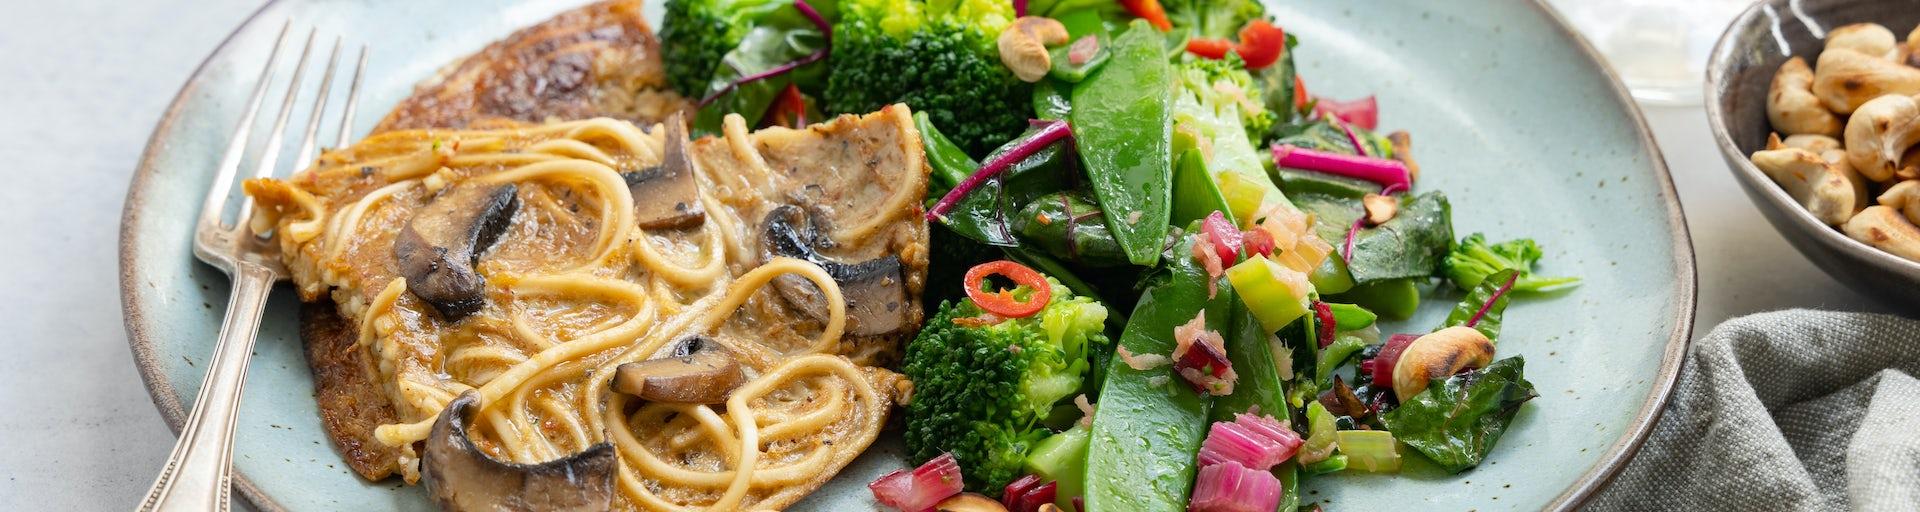 Portobello noedelomelet met roerbakgroenten en cashew | Maaltijdboxen recepten